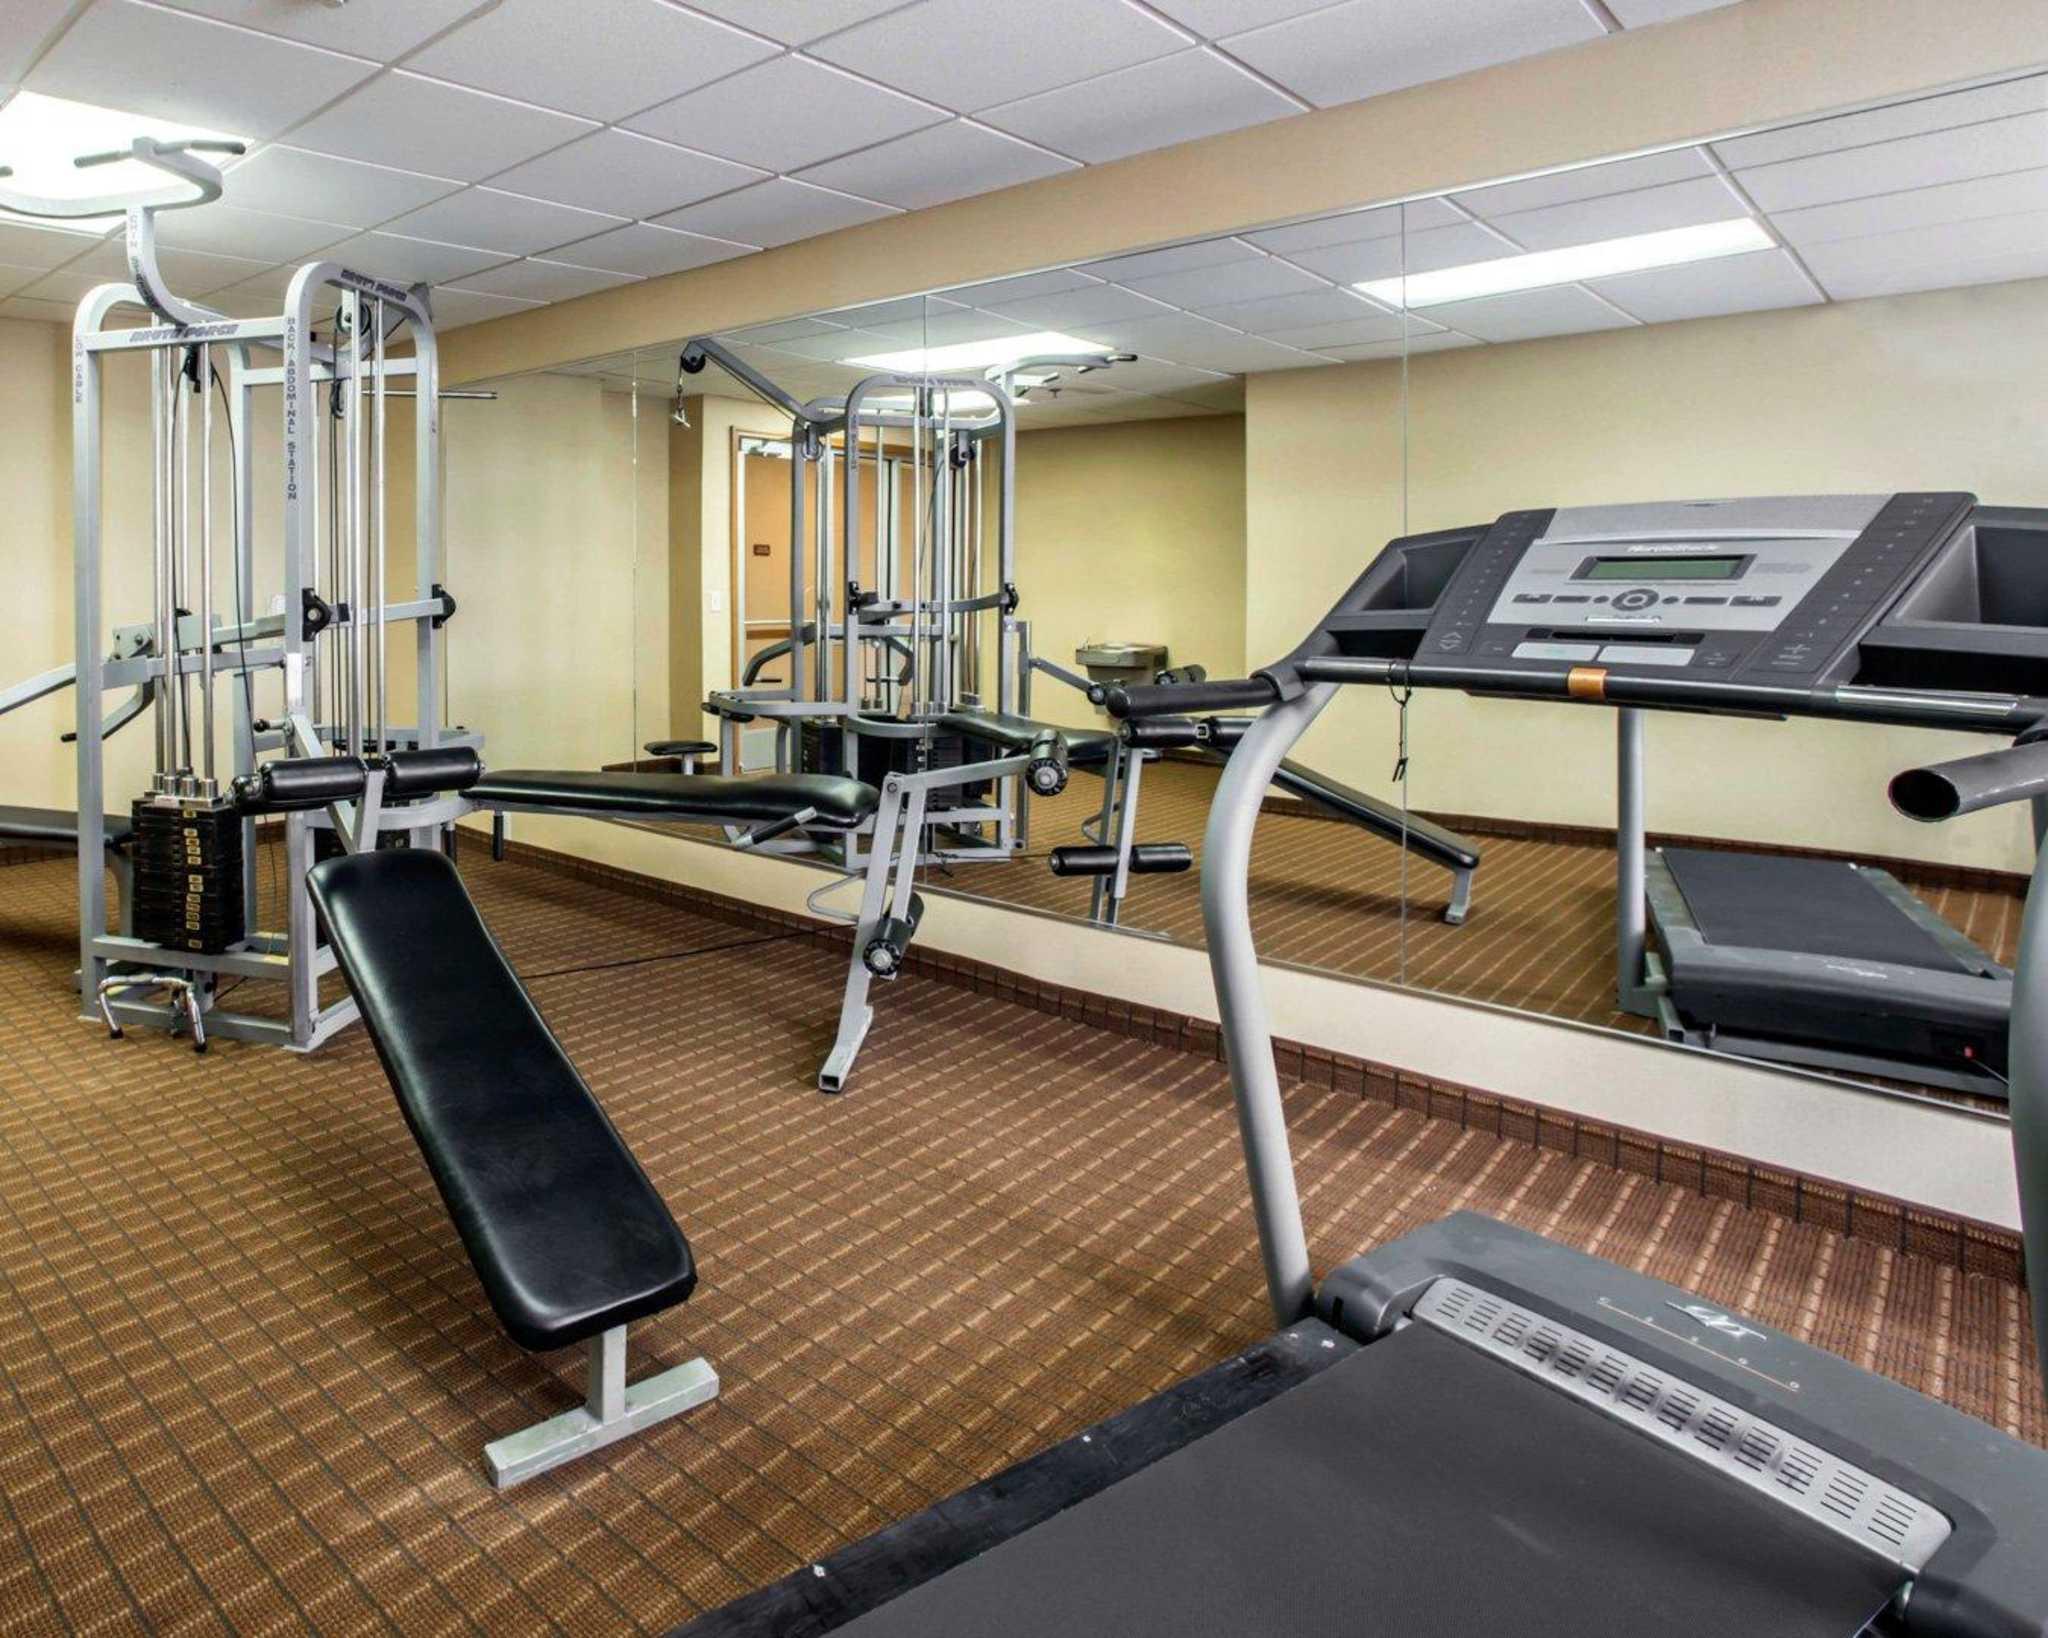 Comfort Inn & Suites Greenville I-70 image 26